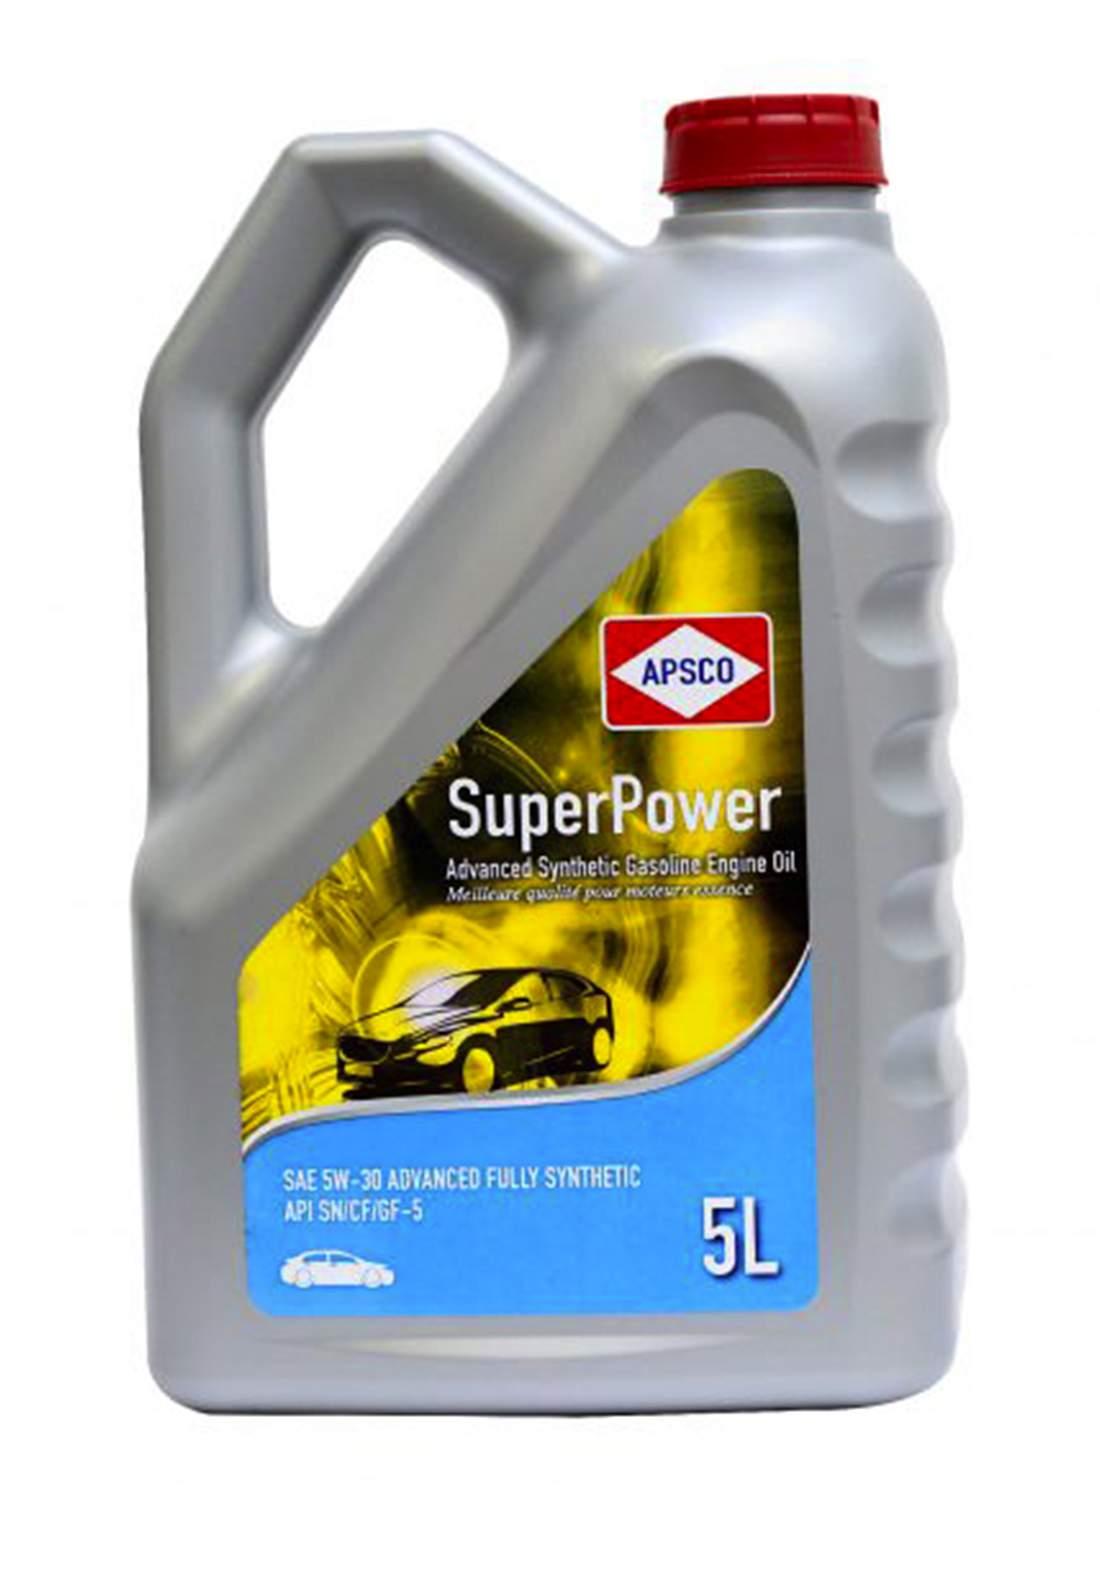 Apcso 20W-50 Synthetic Gasolin Engine Oil 5L  زيت محرك السيارة